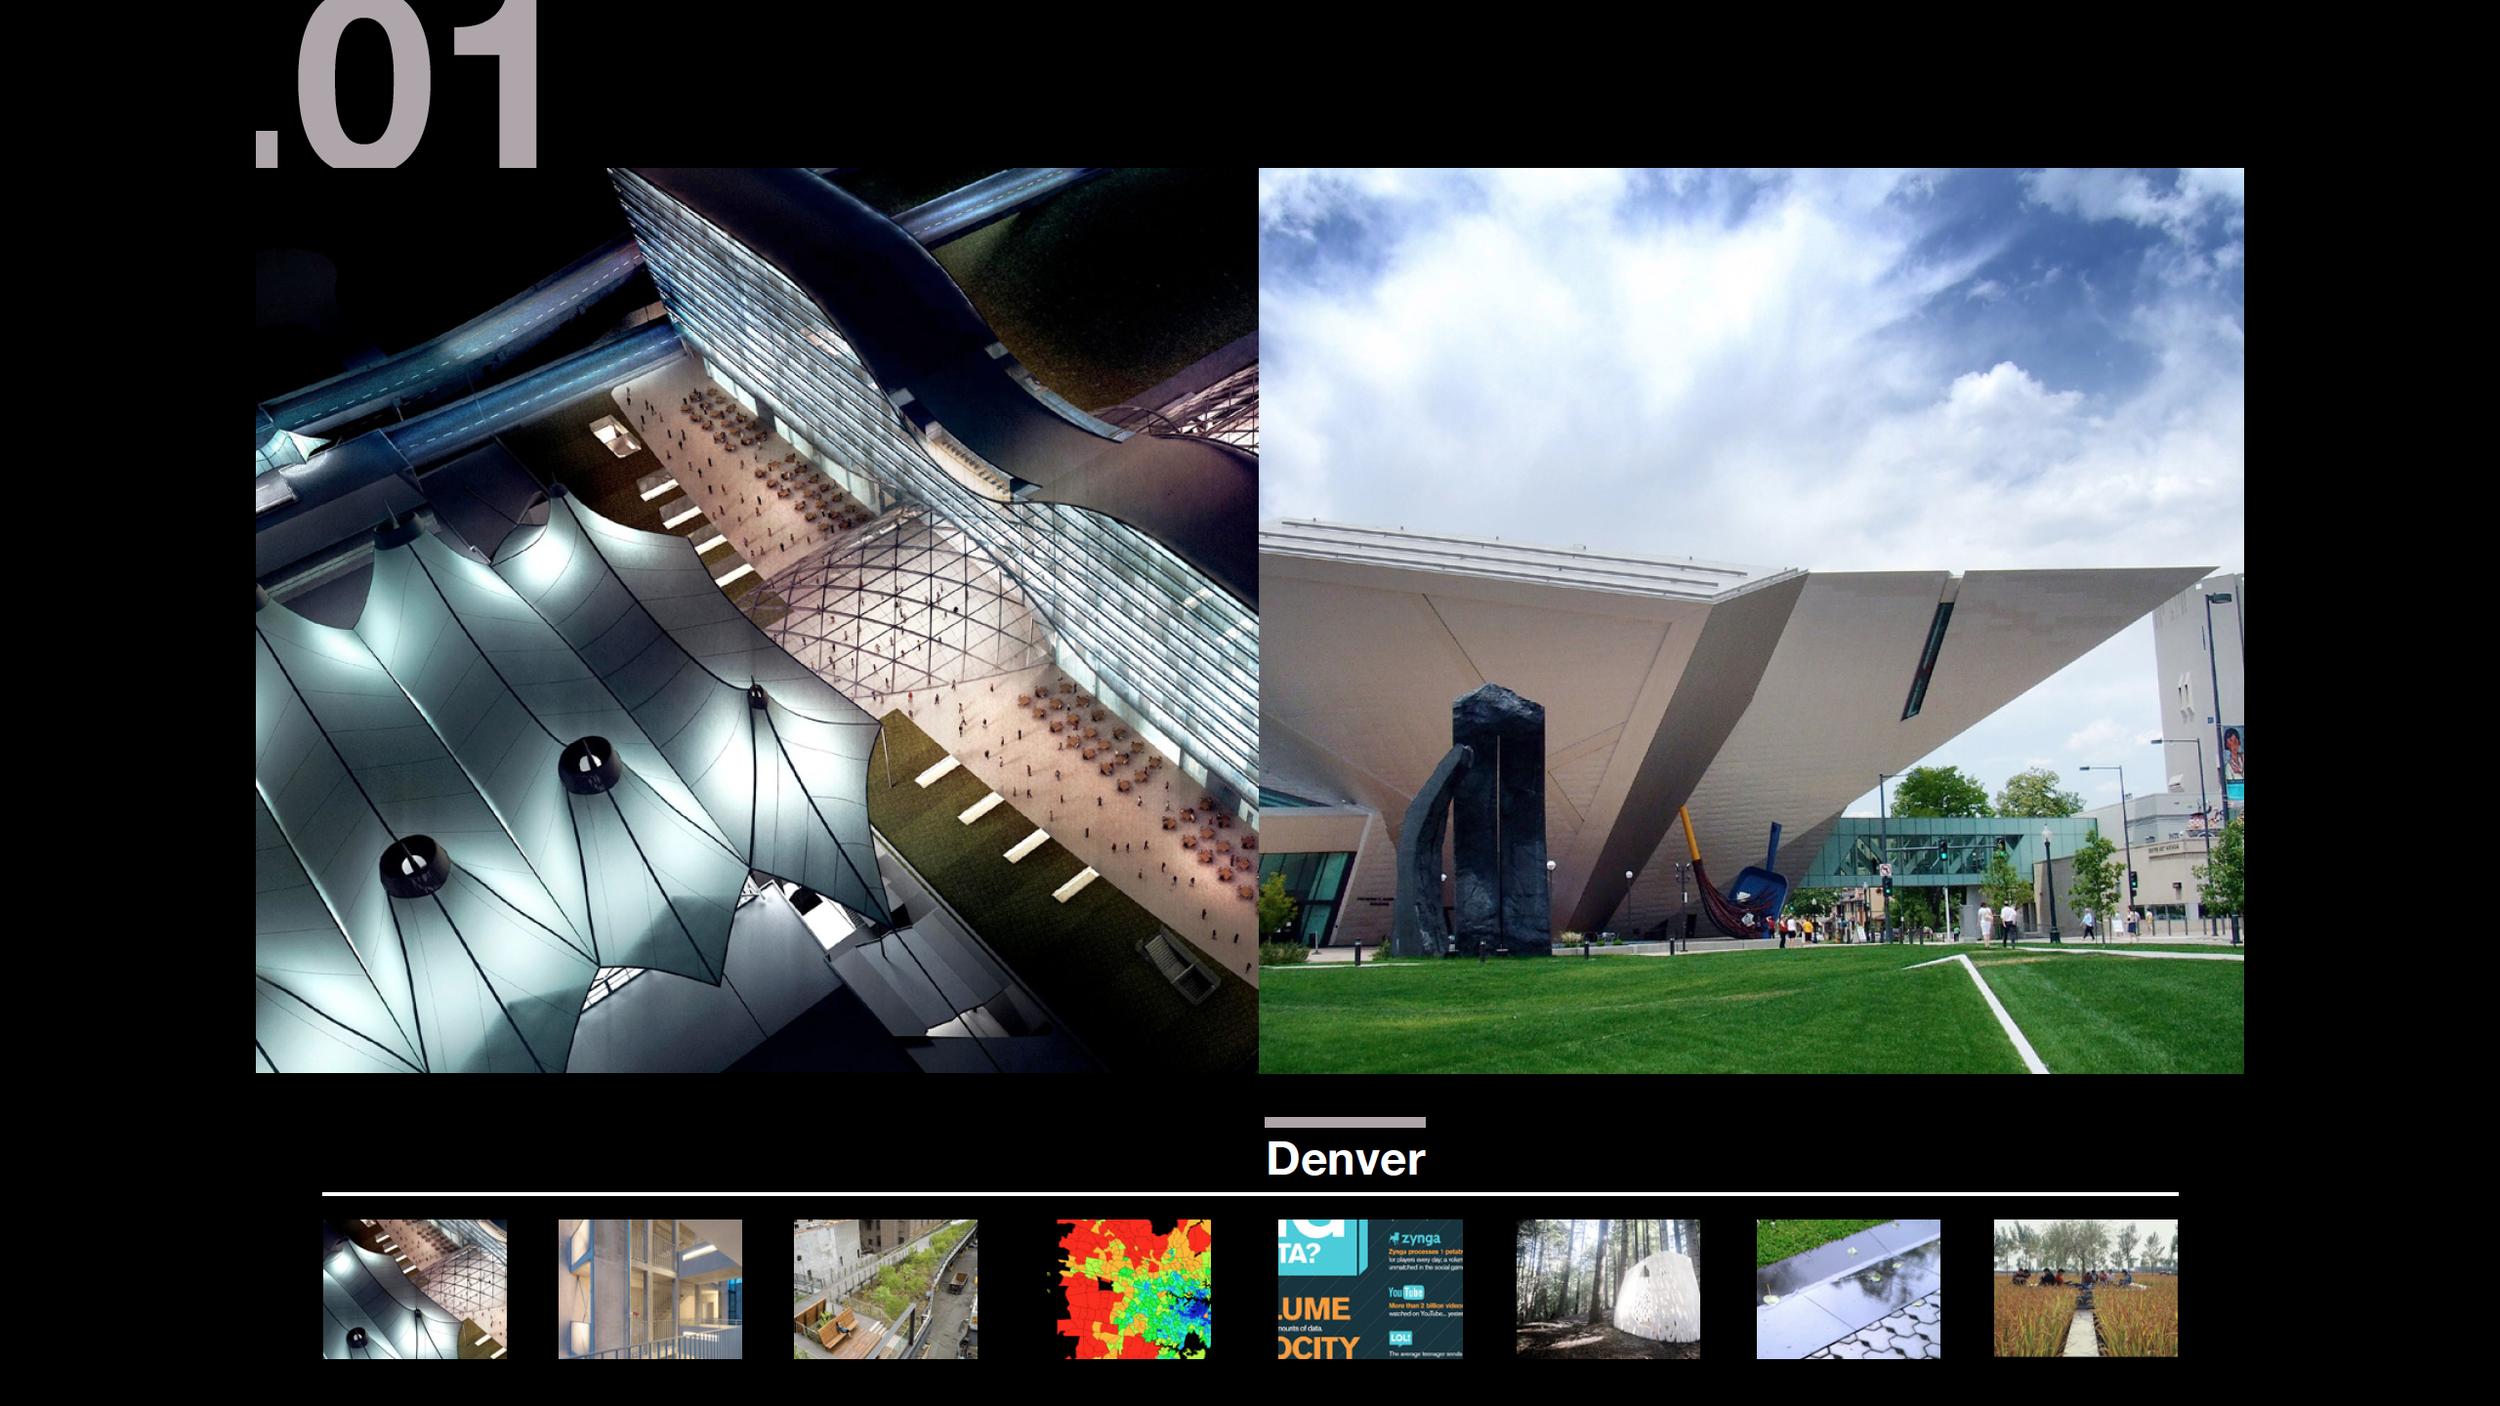 Screen Shot 2013-11-29 at 11.44.44 AM.png